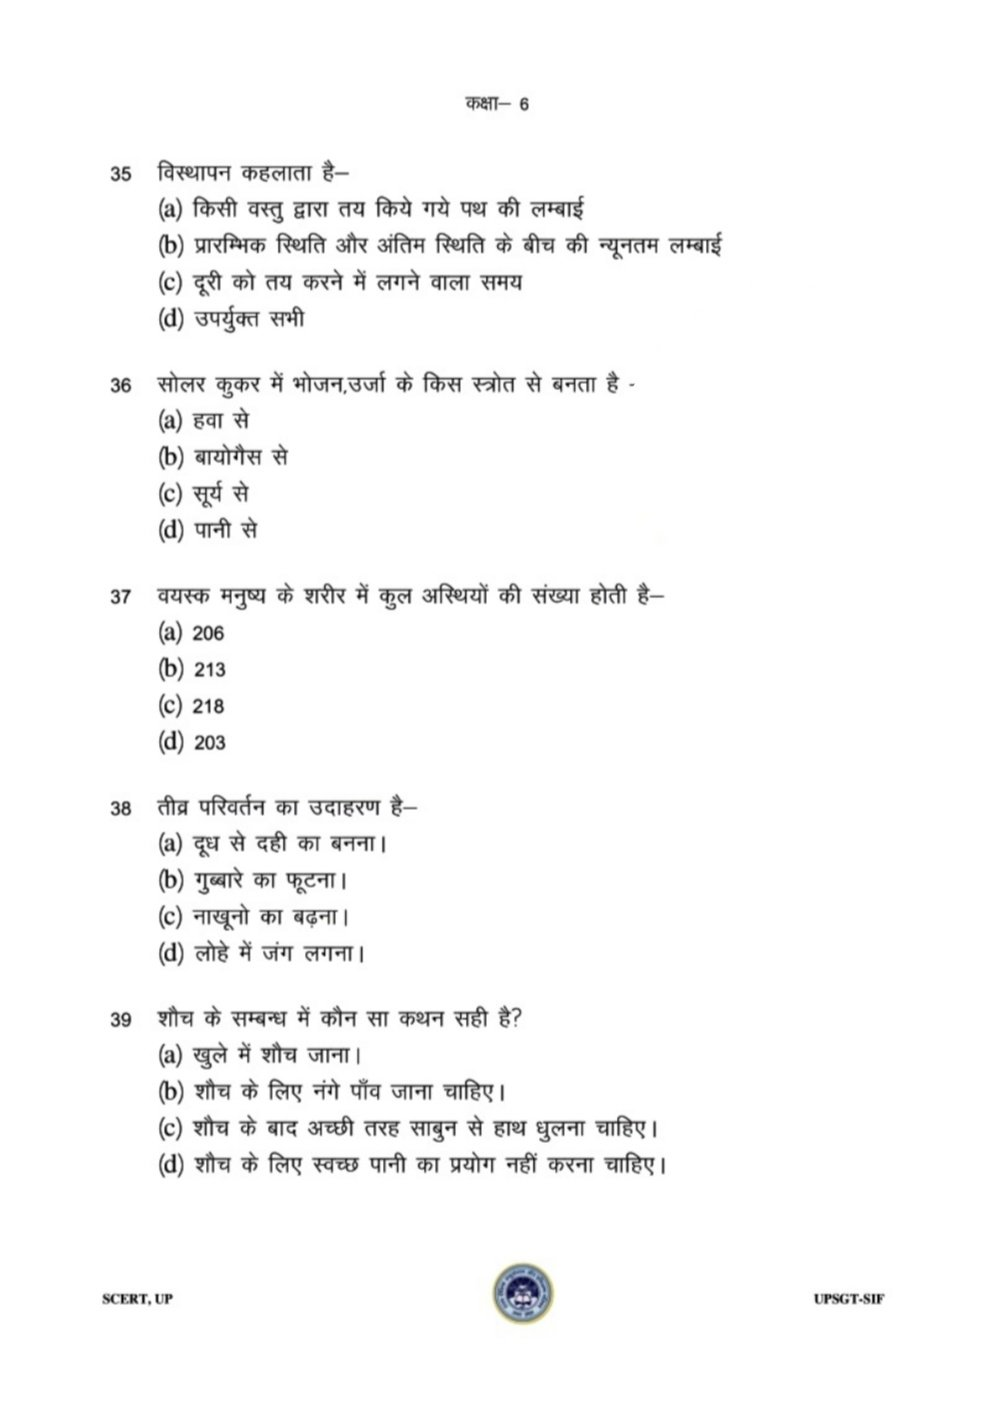 कक्षा 6 के प्रश्न पत्र का प्रारूप यहां से करें डाउनलोड -5